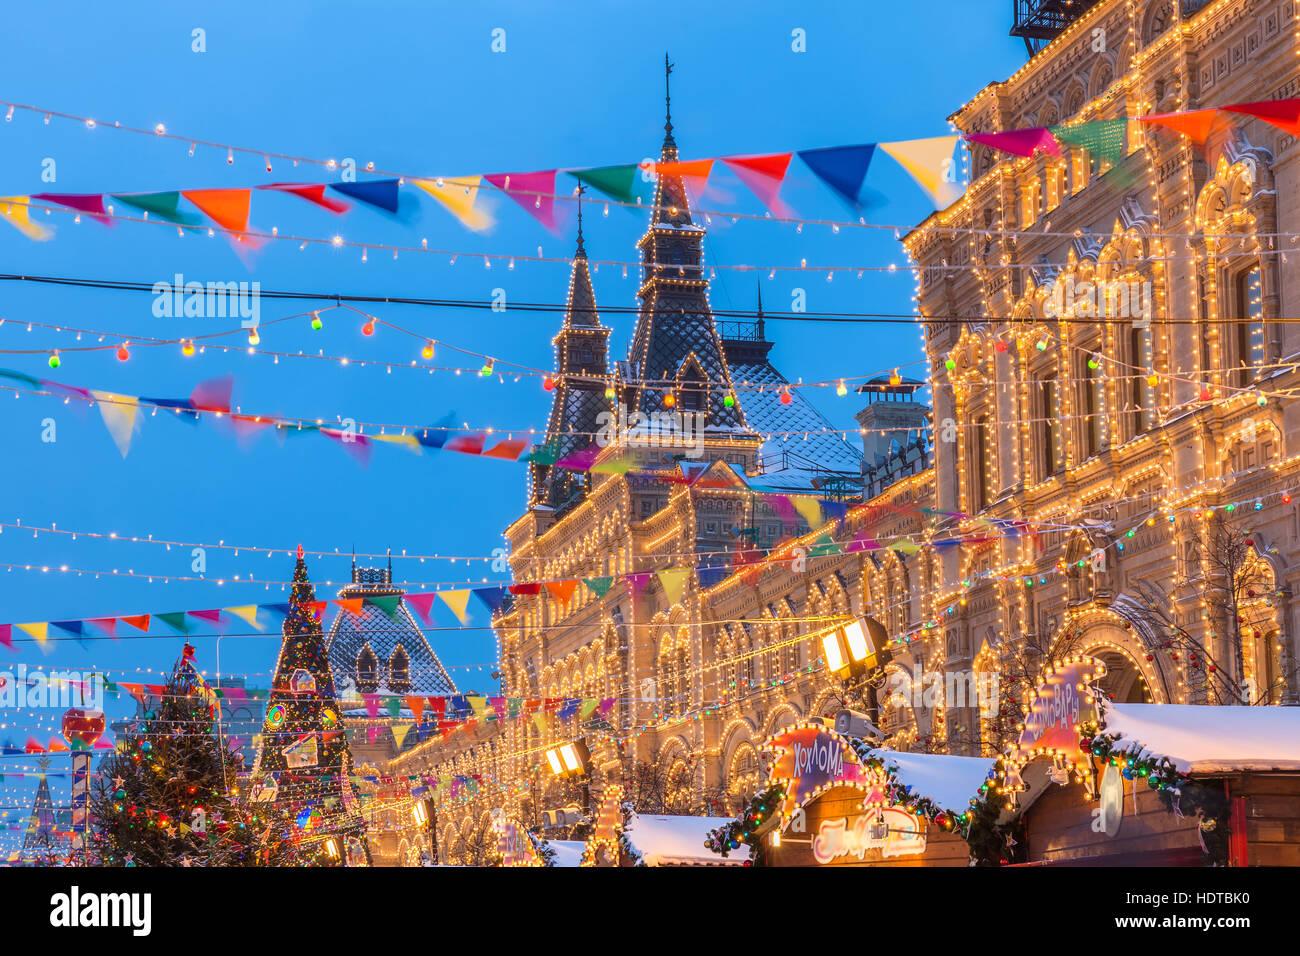 Crépuscule sur le marché de Noël à la place Rouge à Moscou, Russie Photo Stock